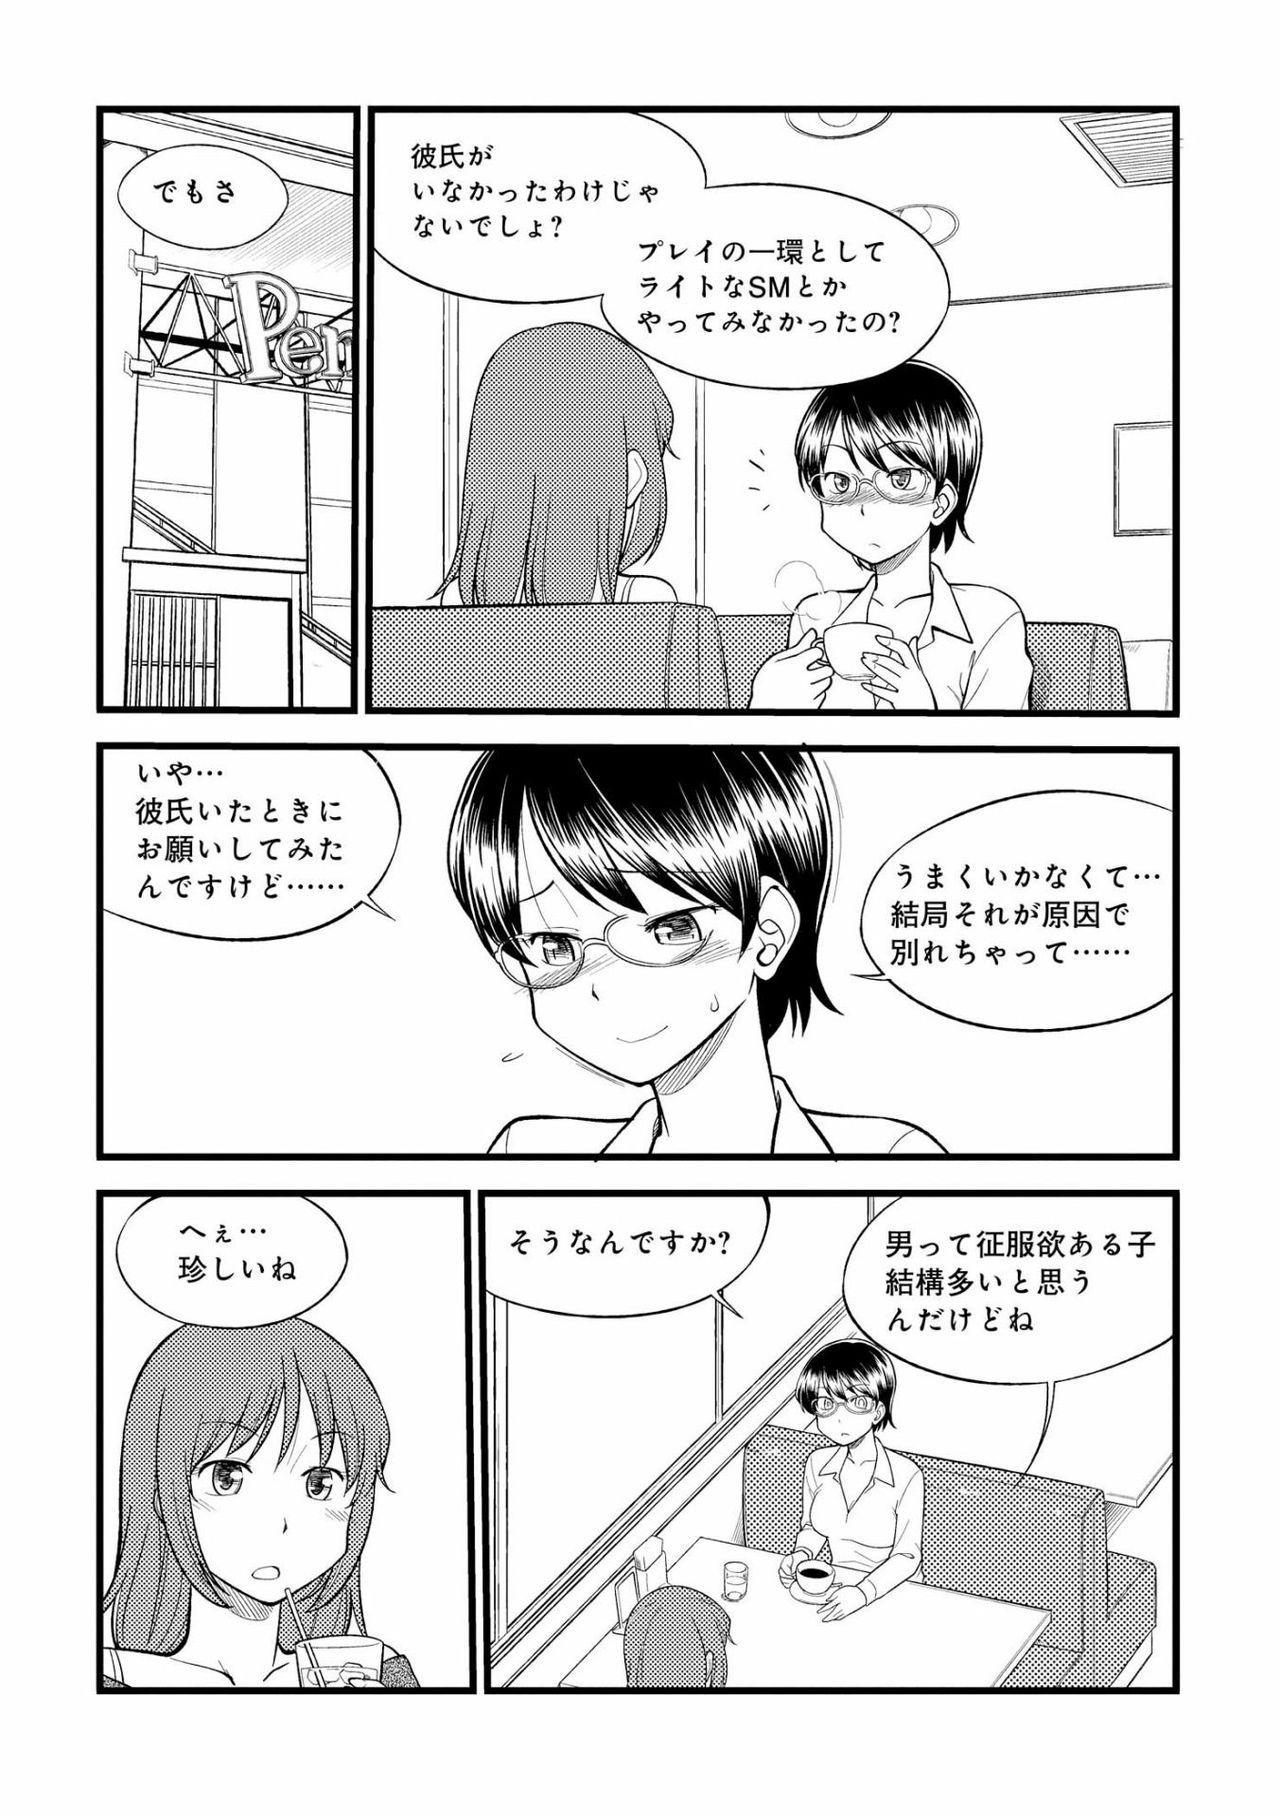 [Mitsuba] Karada mo Kokoro mo Boku no Mono ~Hajimete no SM Guide~ 2 [Digital] 20